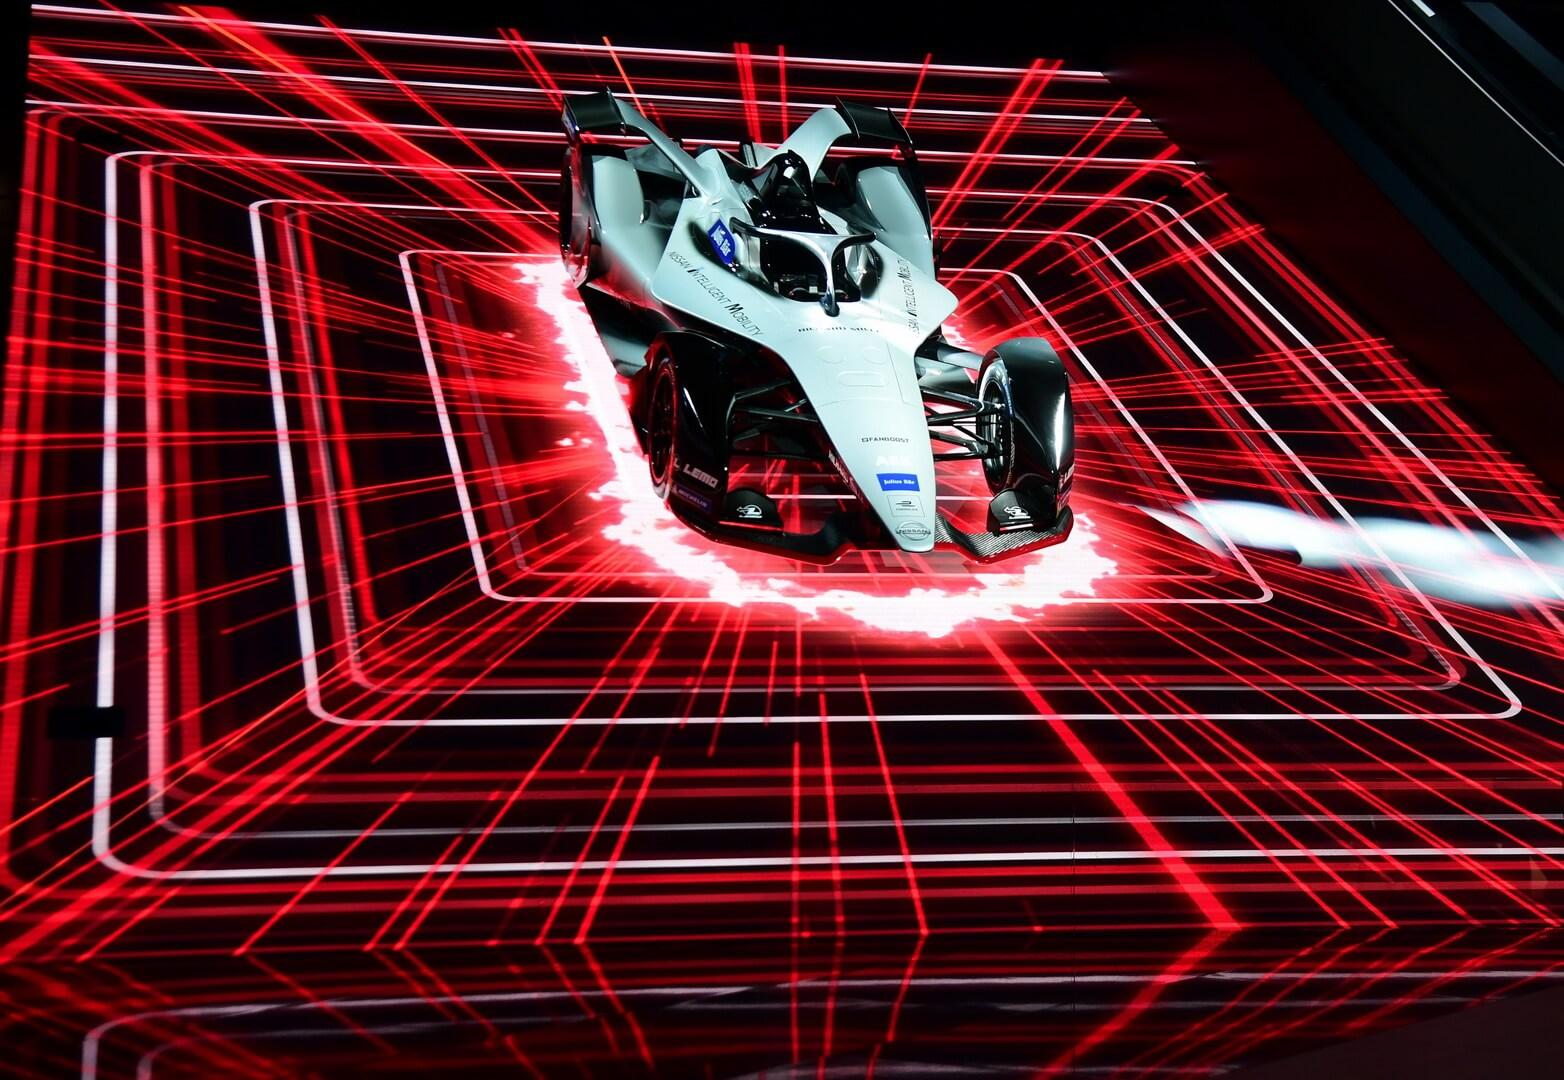 Концепт гоночного автомобиля Nissan для Formula E на Женевском автосалоне 2018